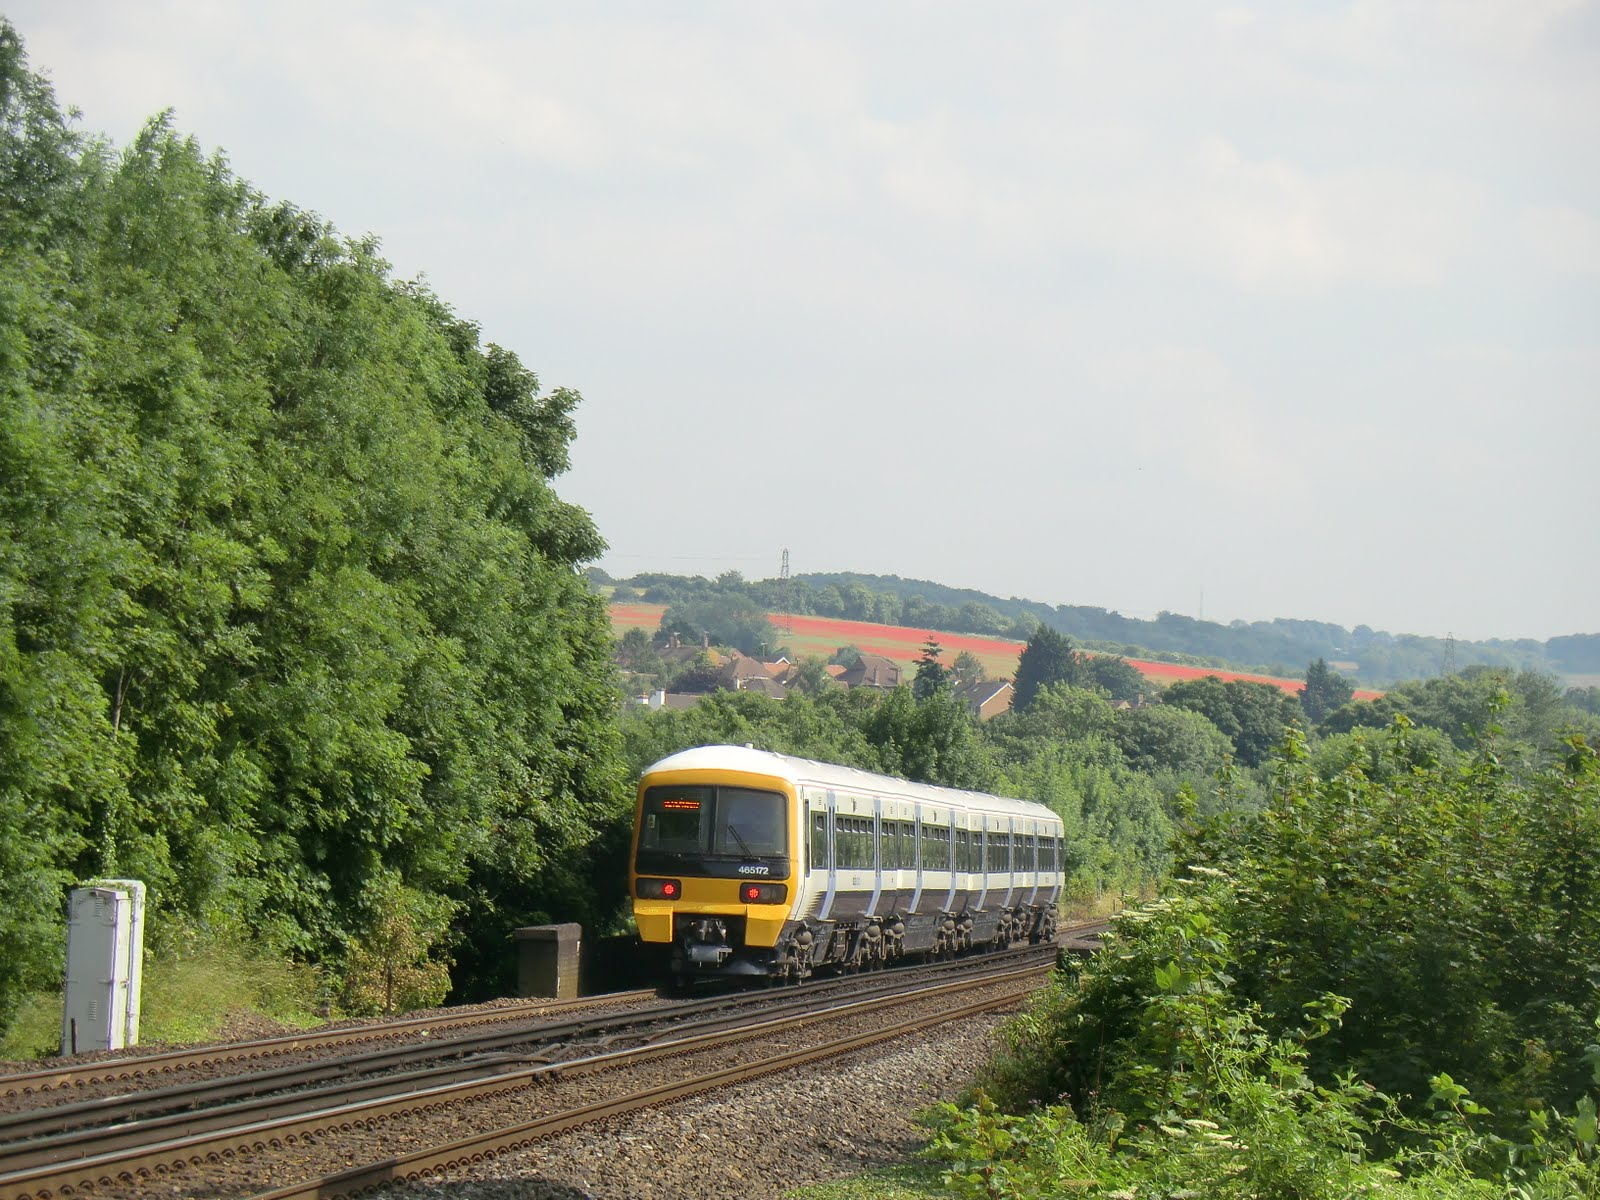 CIMG7519 Train crossing Eynsford viaduct